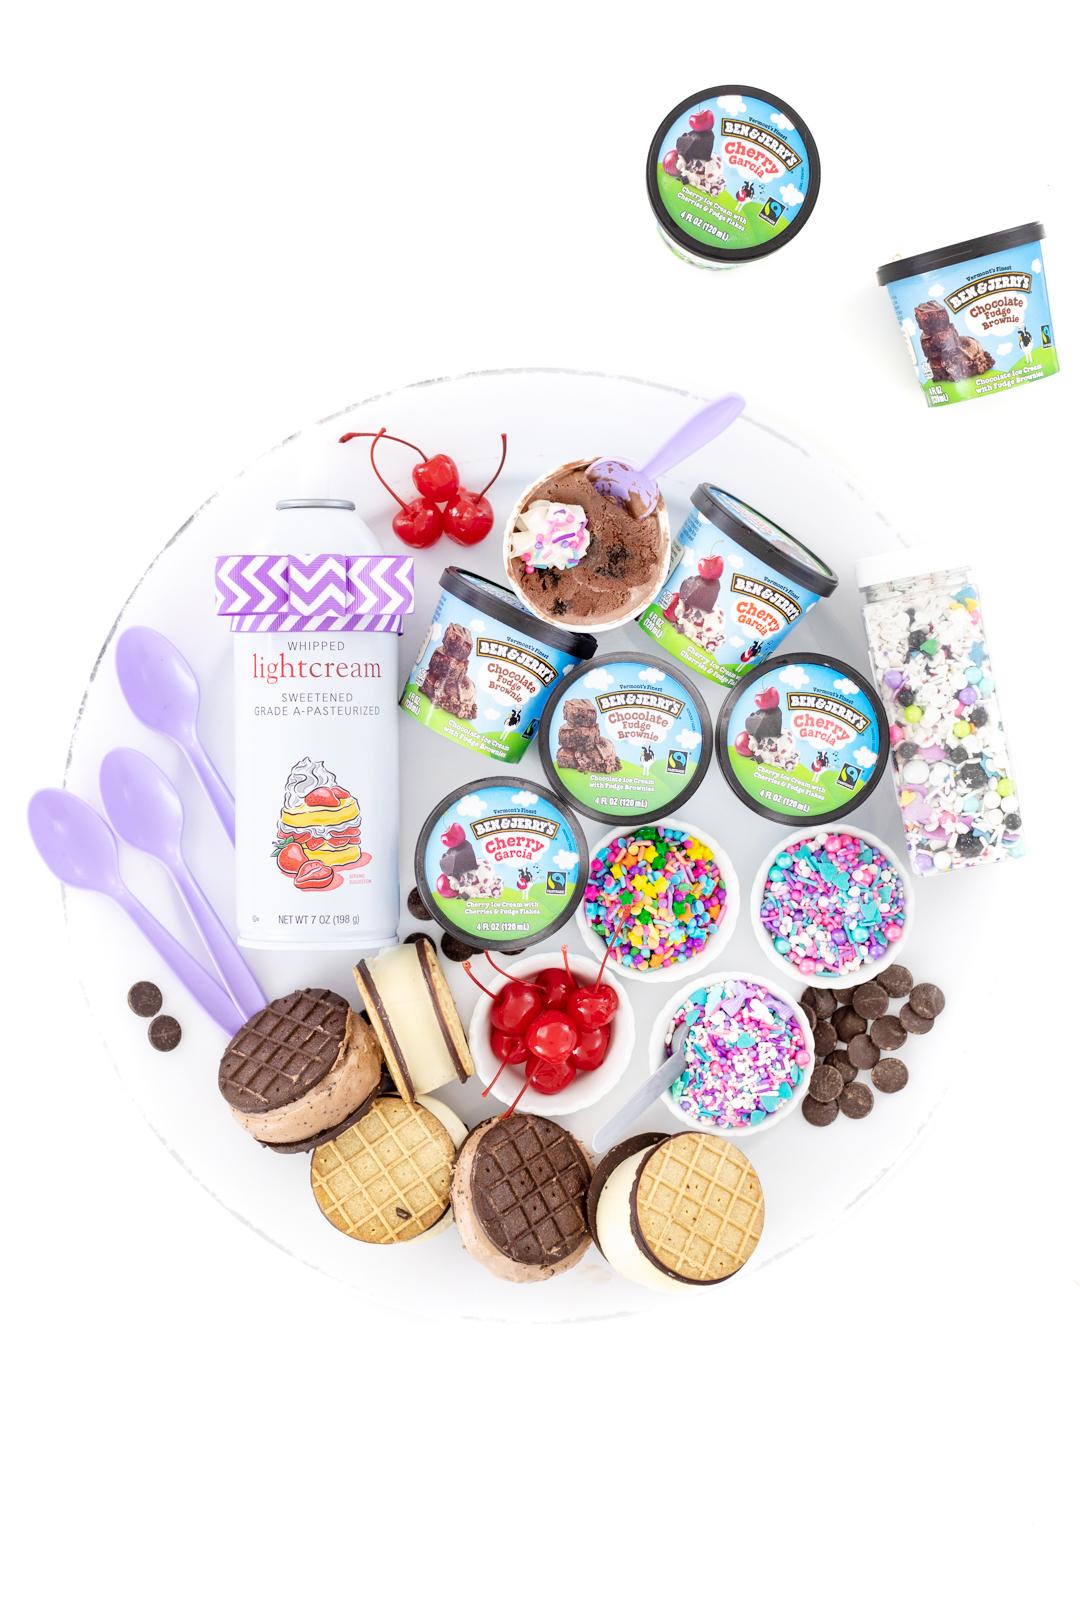 tray of ice cream treats